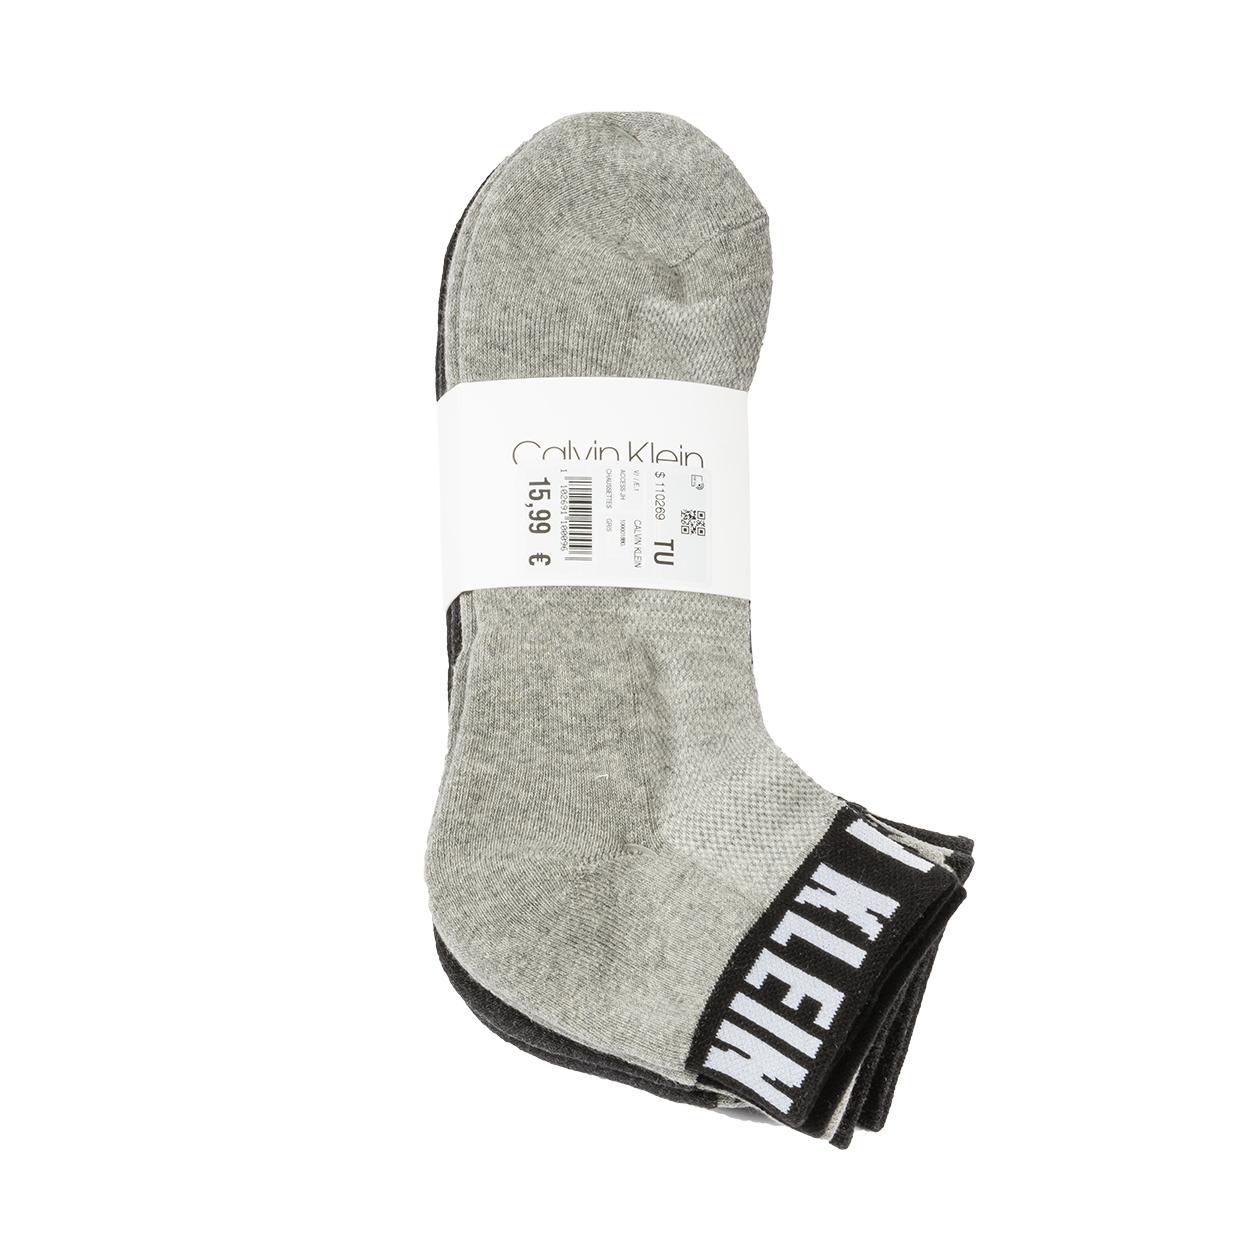 Lot de 3 paires de chaussettes calvin klein en coton stretch mélangé gris chiné, gris anthracite et noir